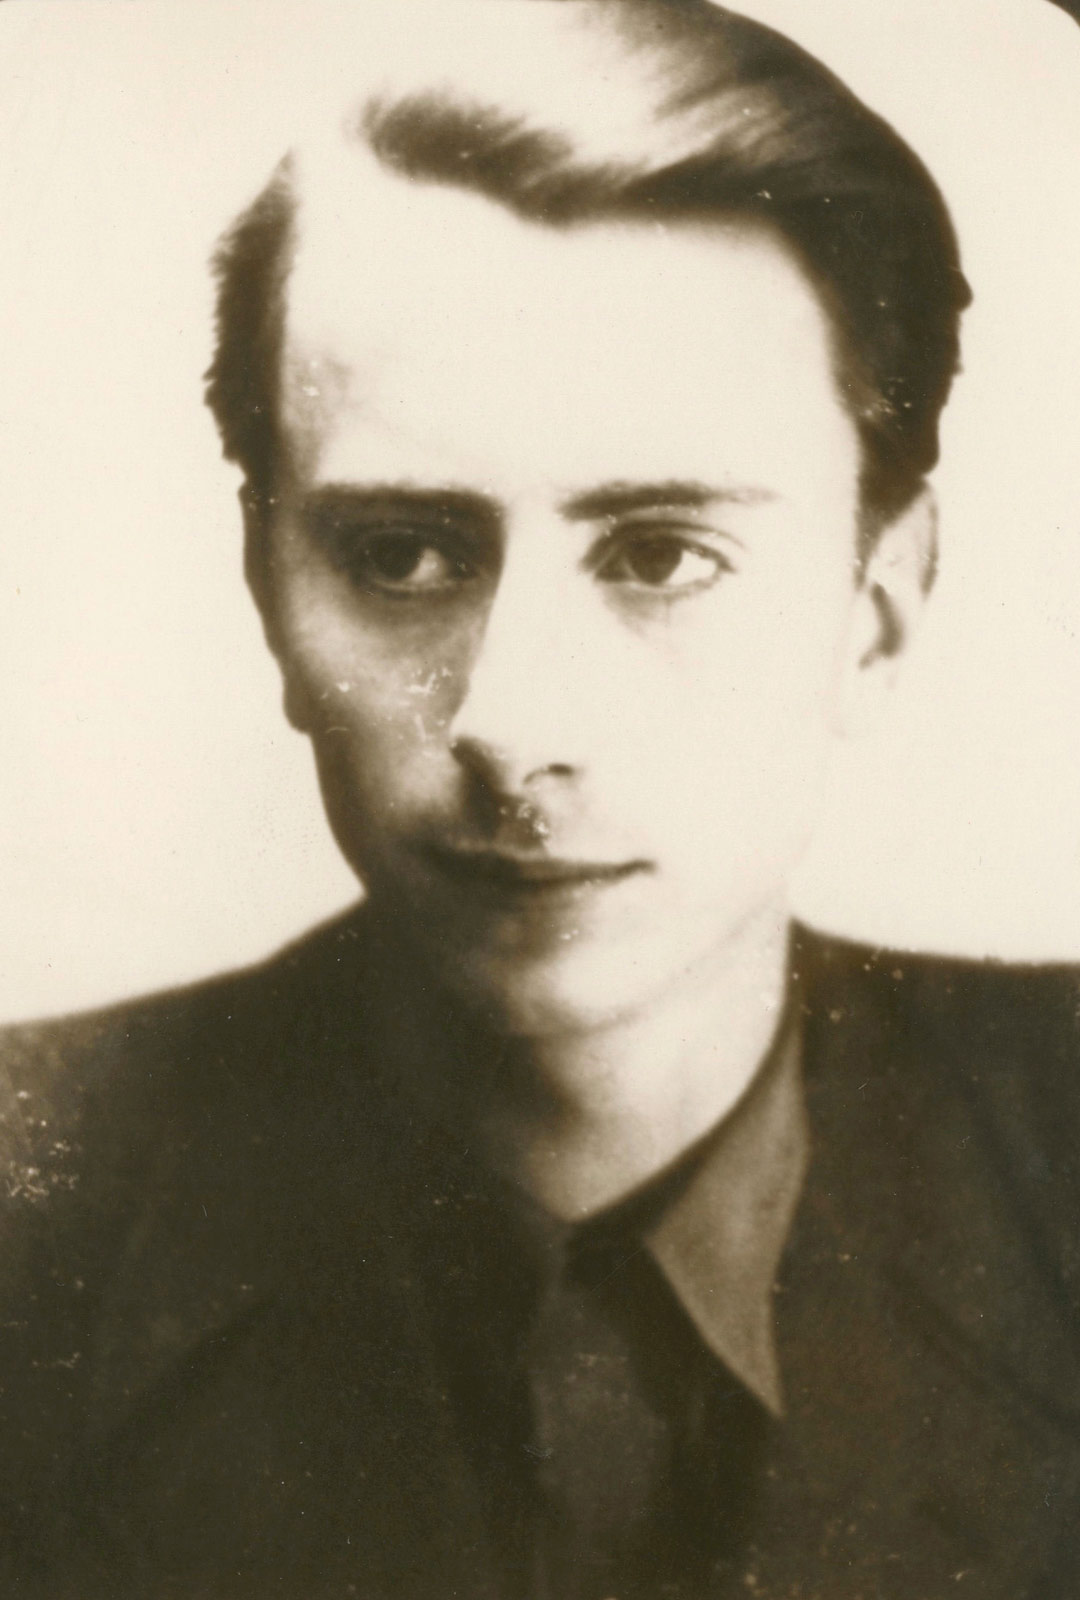 Suomessa lapsuus- ja nuoruusvuosiaan viettänyt Hubert von Blücher vuonna 1944.